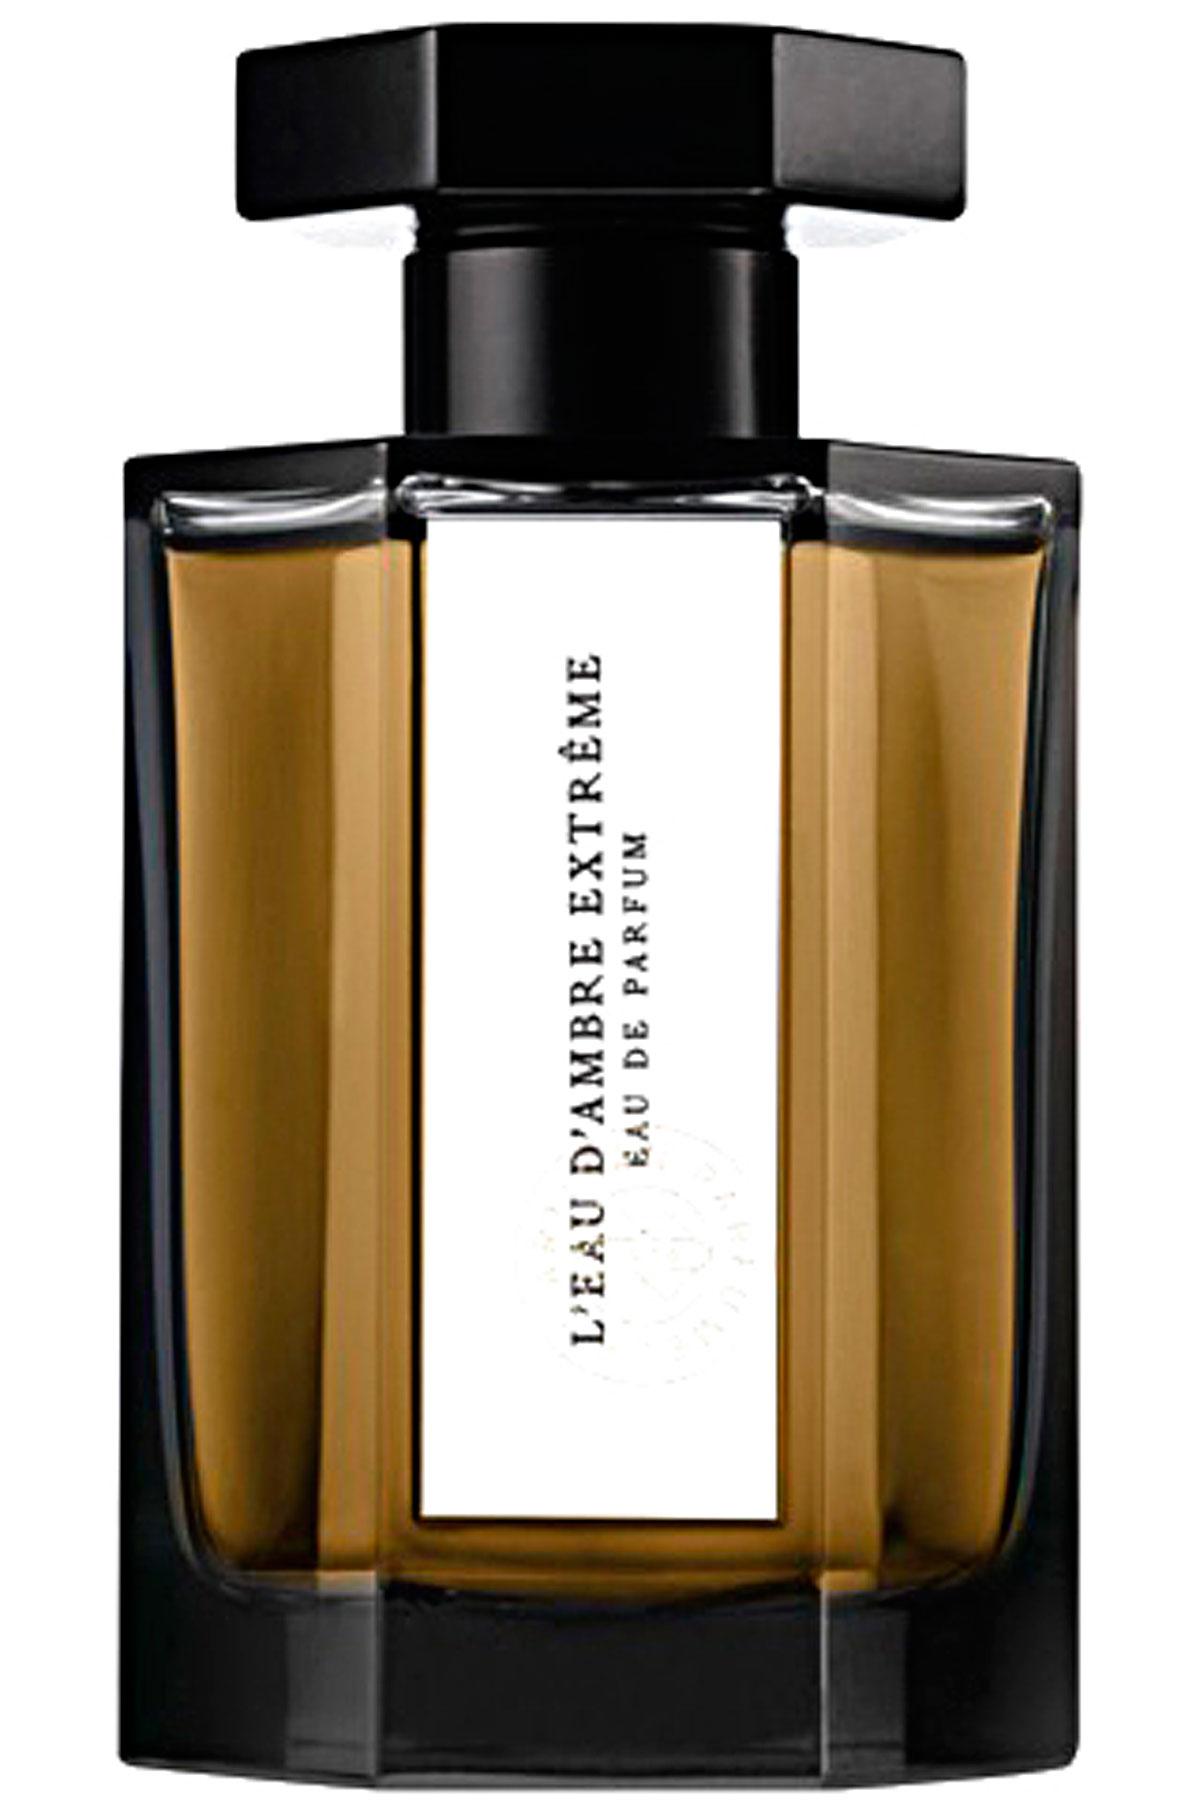 Artisan Parfumeur Fragrances for Women, L Eau D Ambre Extreme - Eau De Parfum - 100 Ml, 2019, 100 ml